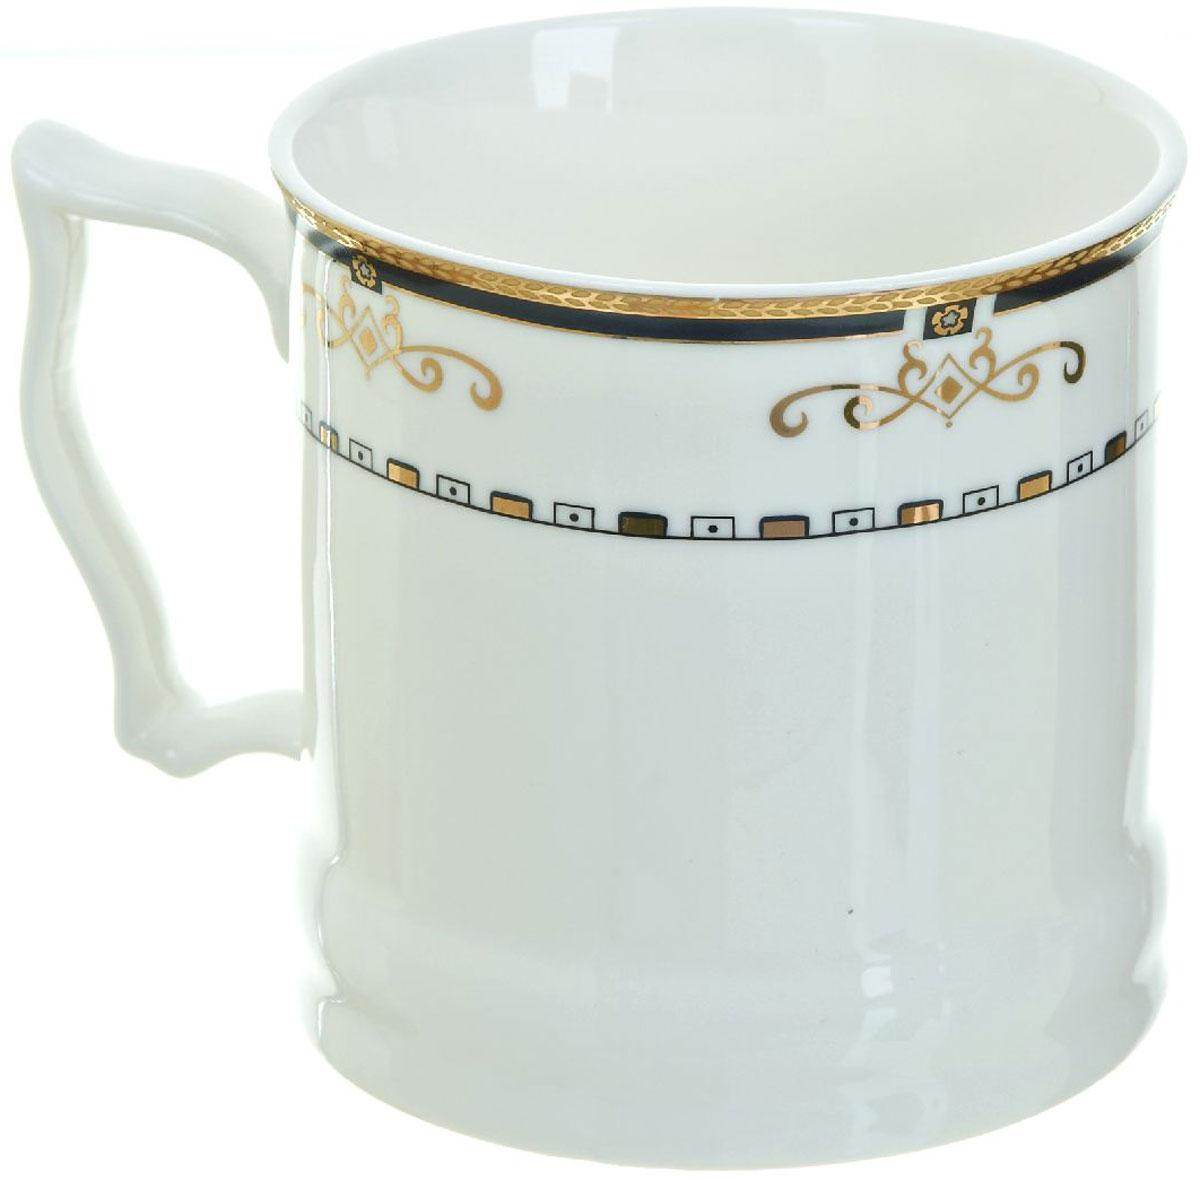 Кружка BHP Королевская кружка, 500 мл. 18700051870005Оригинальная кружка Best Home Porcelain, выполненная из высококачественного фарфора, сочетает в себе простой, утонченный дизайн с максимальной функциональностью.Можно использовать в посудомоечной машине.